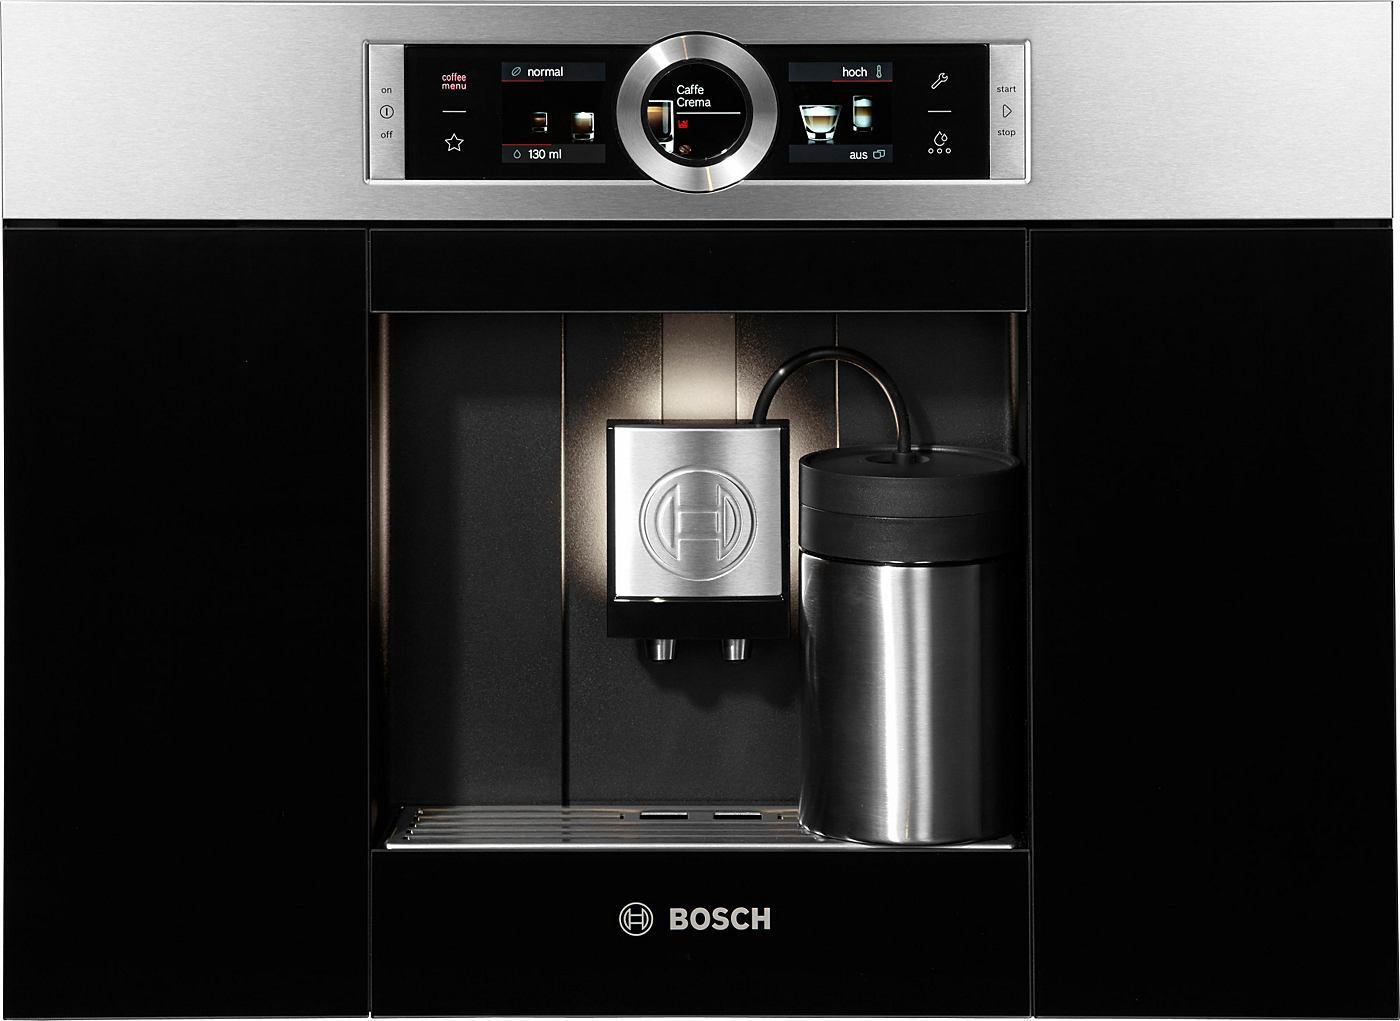 Bosch Kaffeevollautomat Einbau bosch einbau kaffeevollautomat ctl636es1 integrierter milchtank